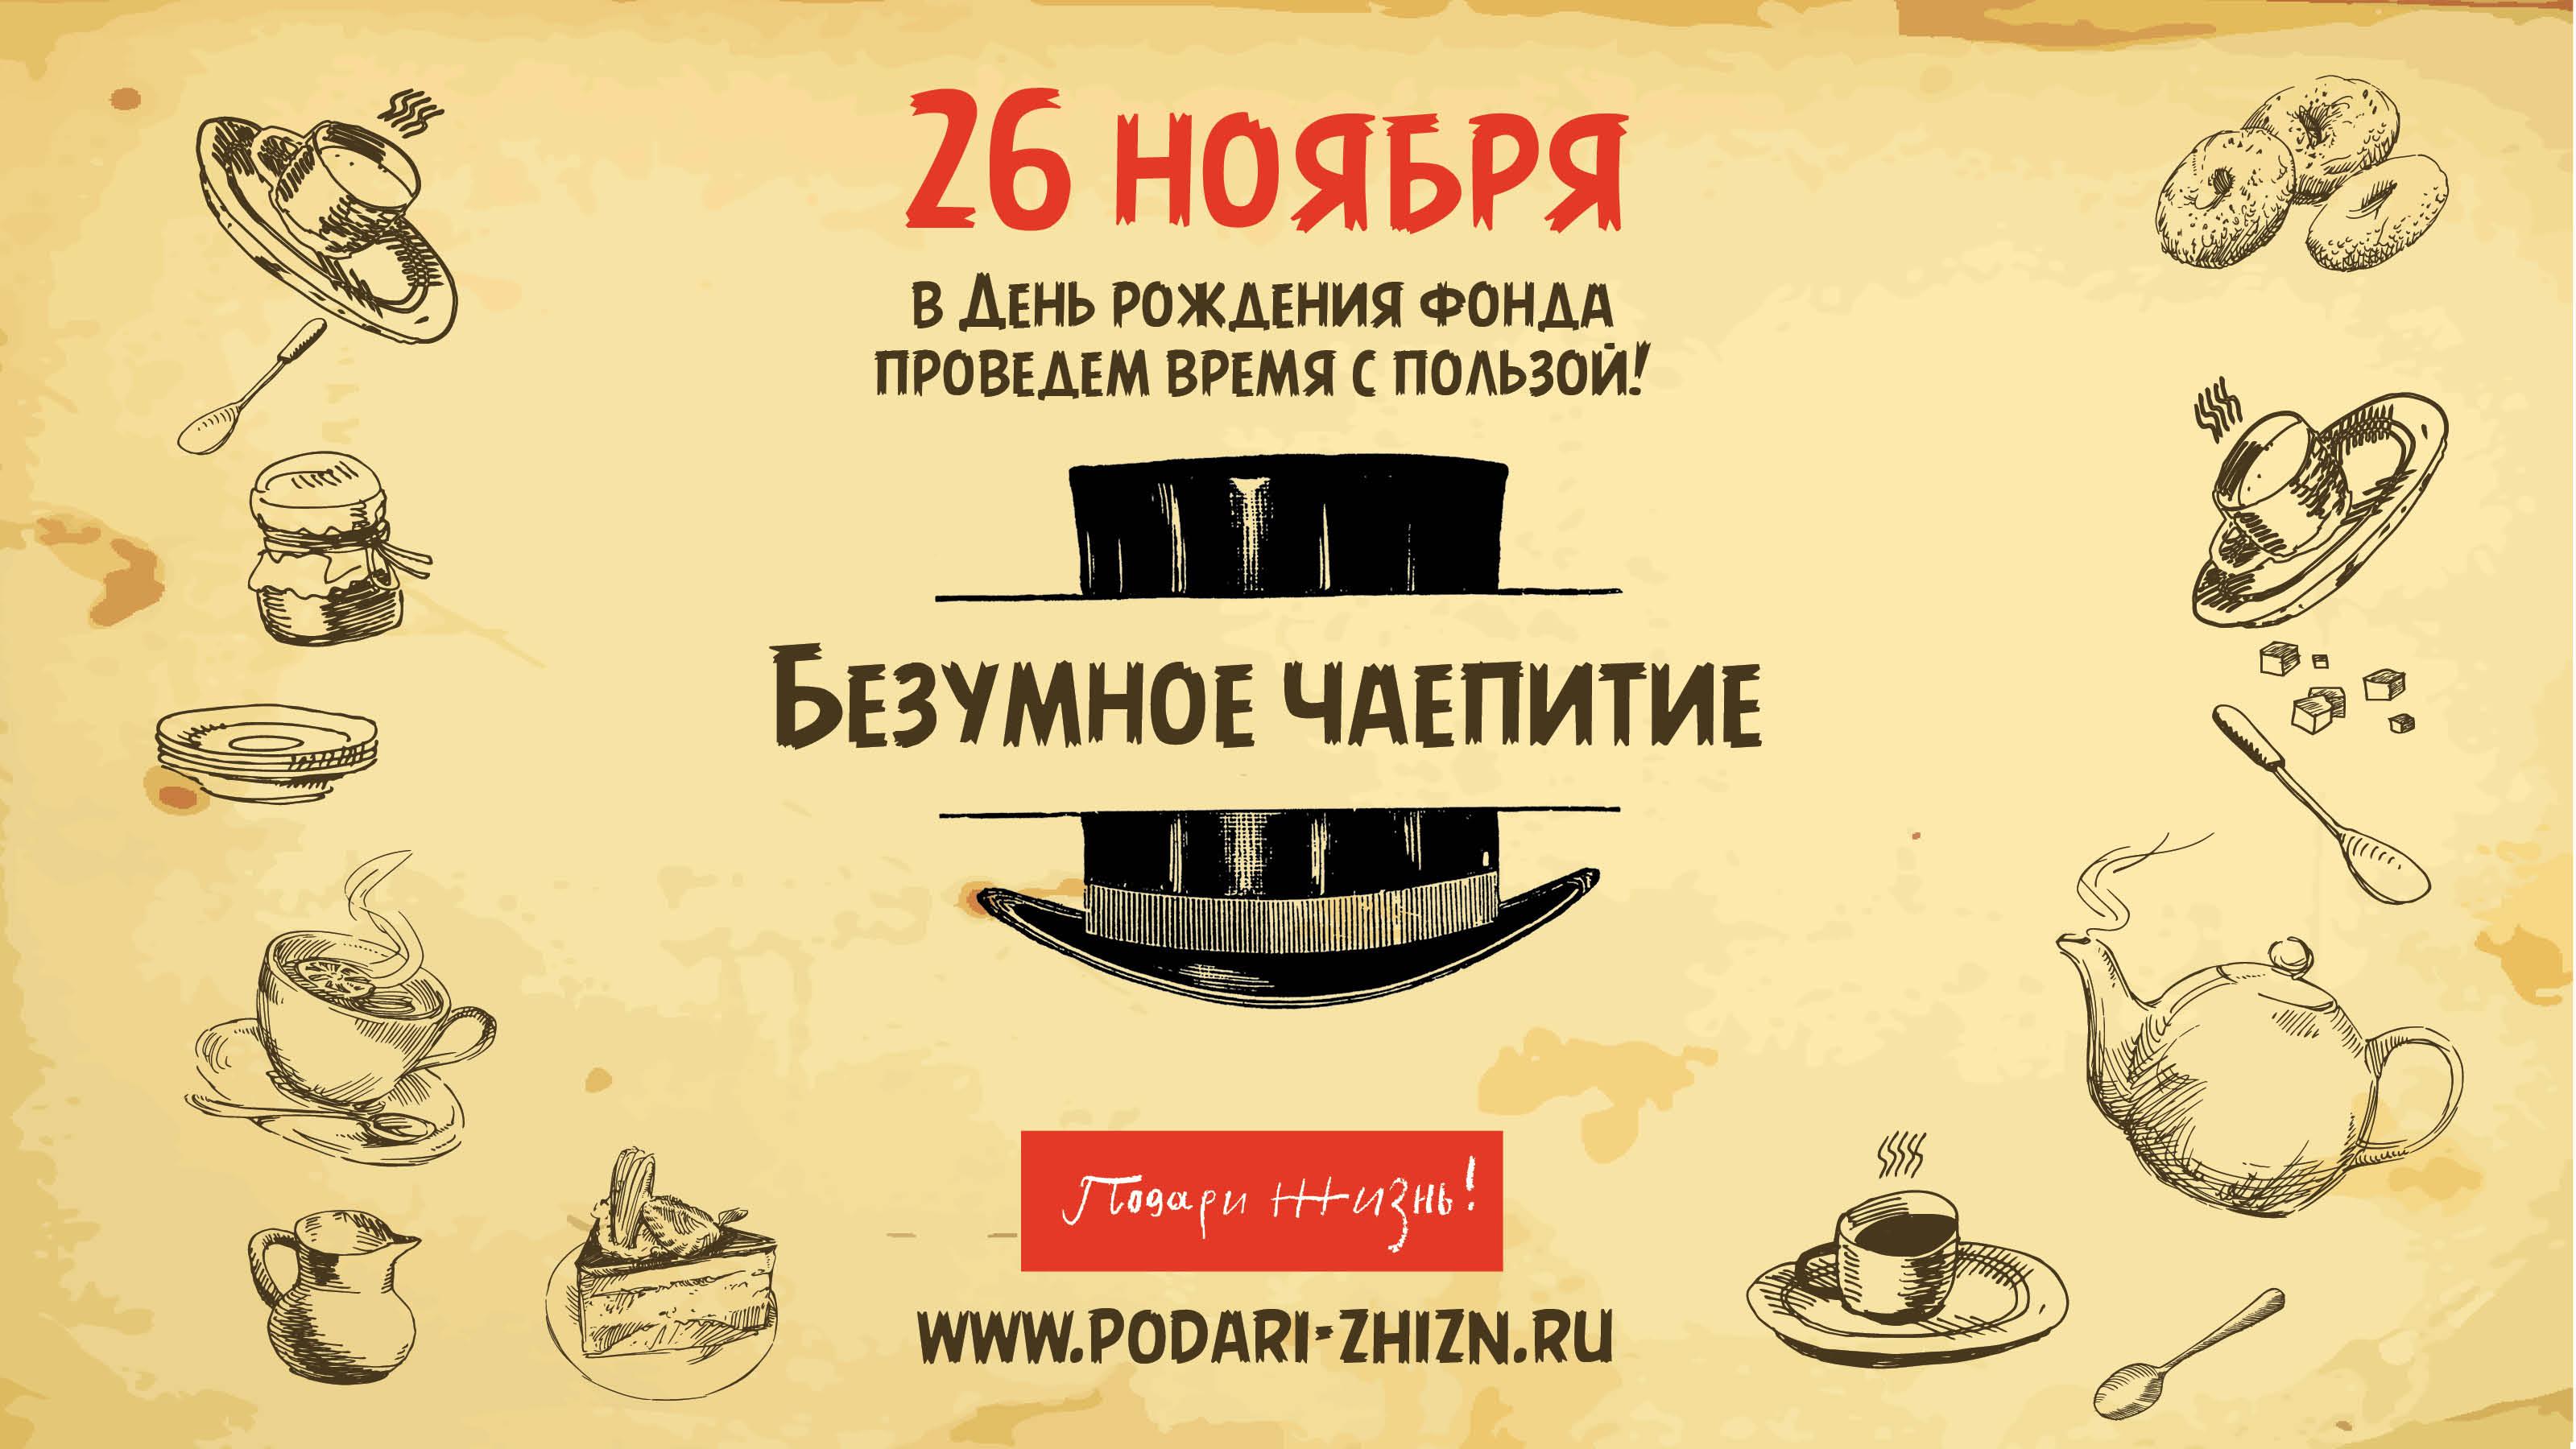 Безумное чаепитие - Благотворительный фонд Подари Жизнь